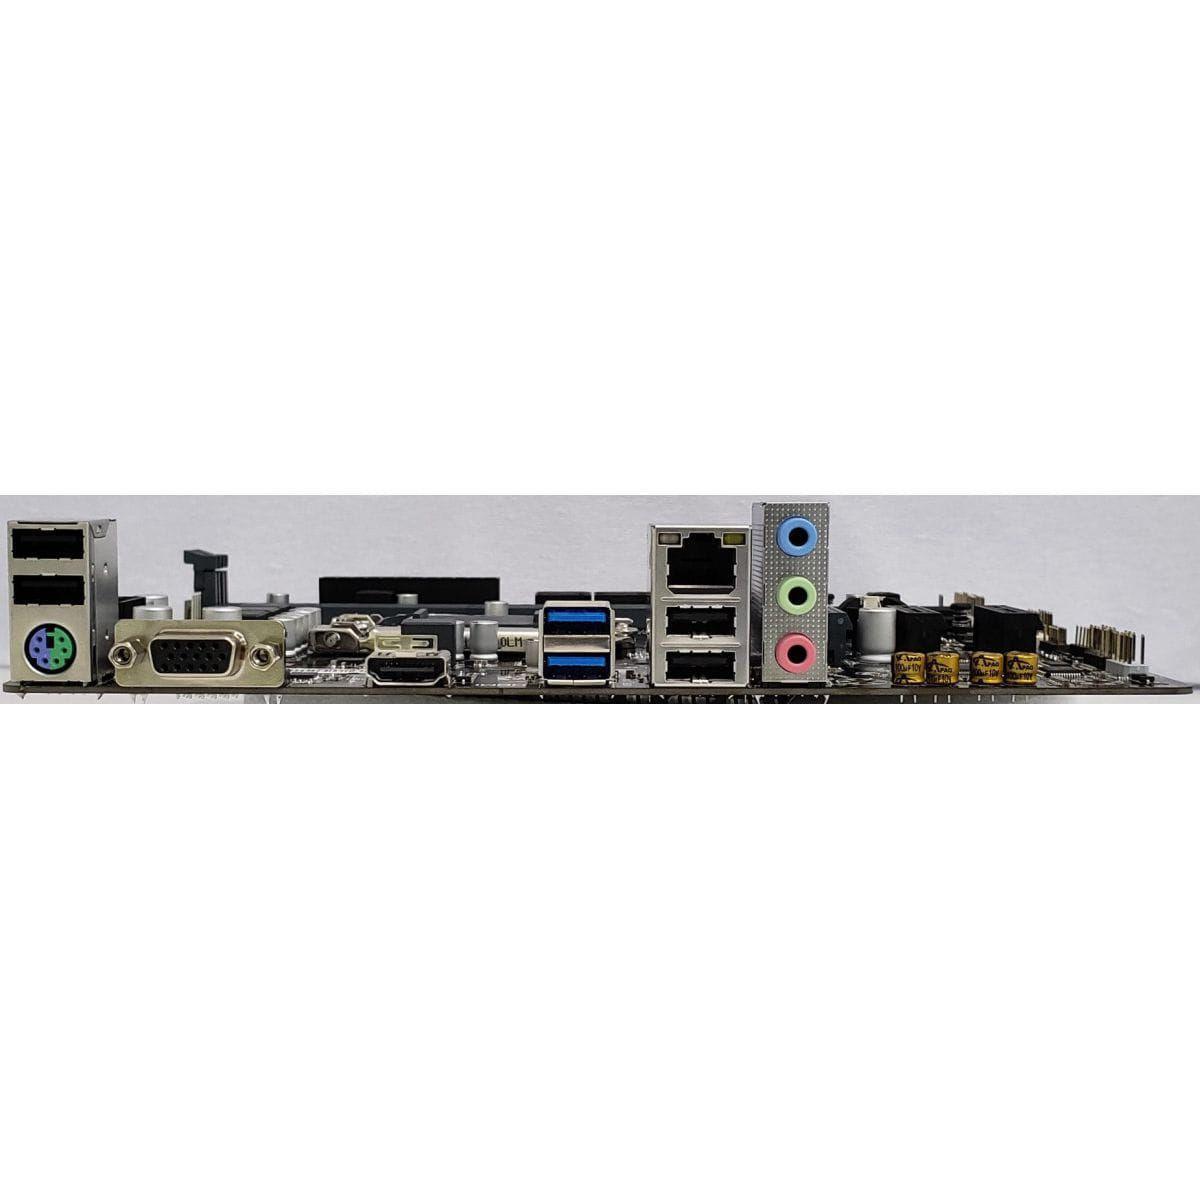 PLACA MAE PCWARE IPMH410G, DDR4, VGA, HDMI, USB 3.2, 10GERAÇAO, SUPORTE PARA M2 LGA 1200